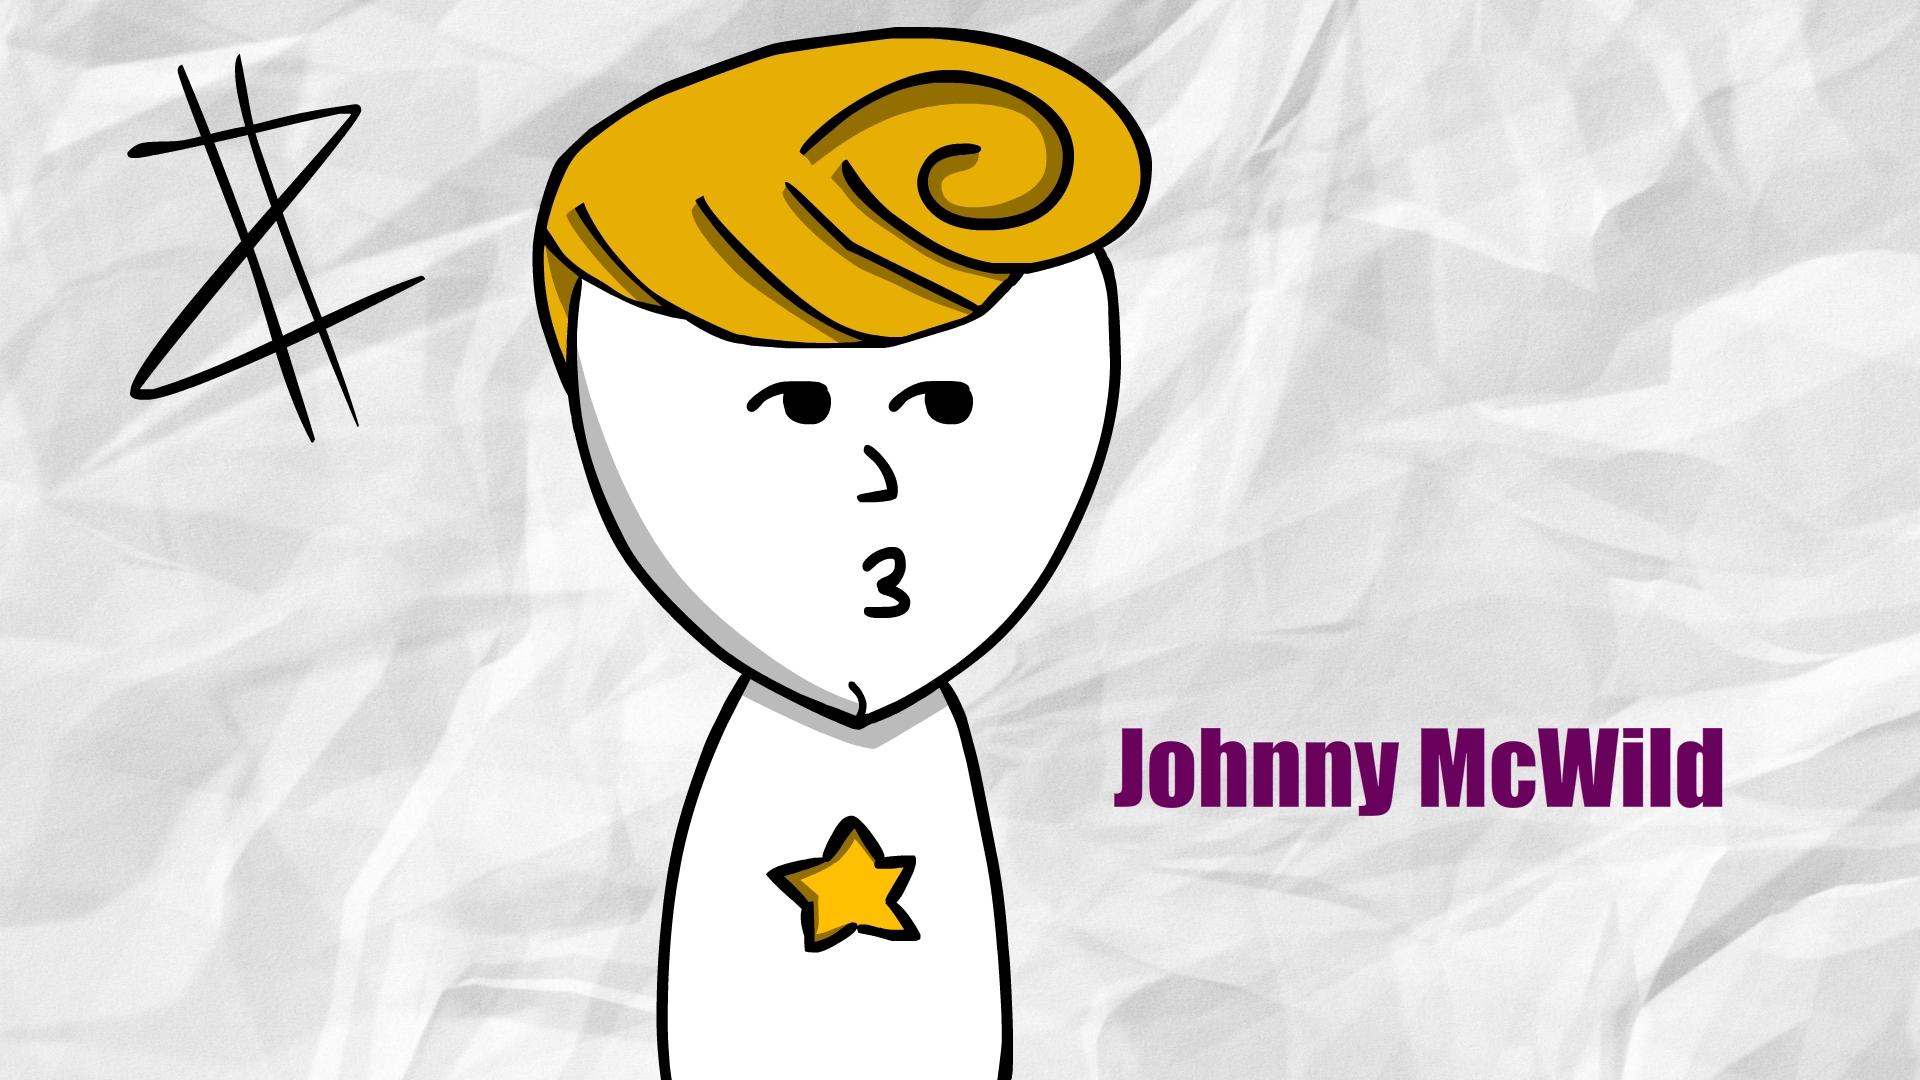 Johny McWild